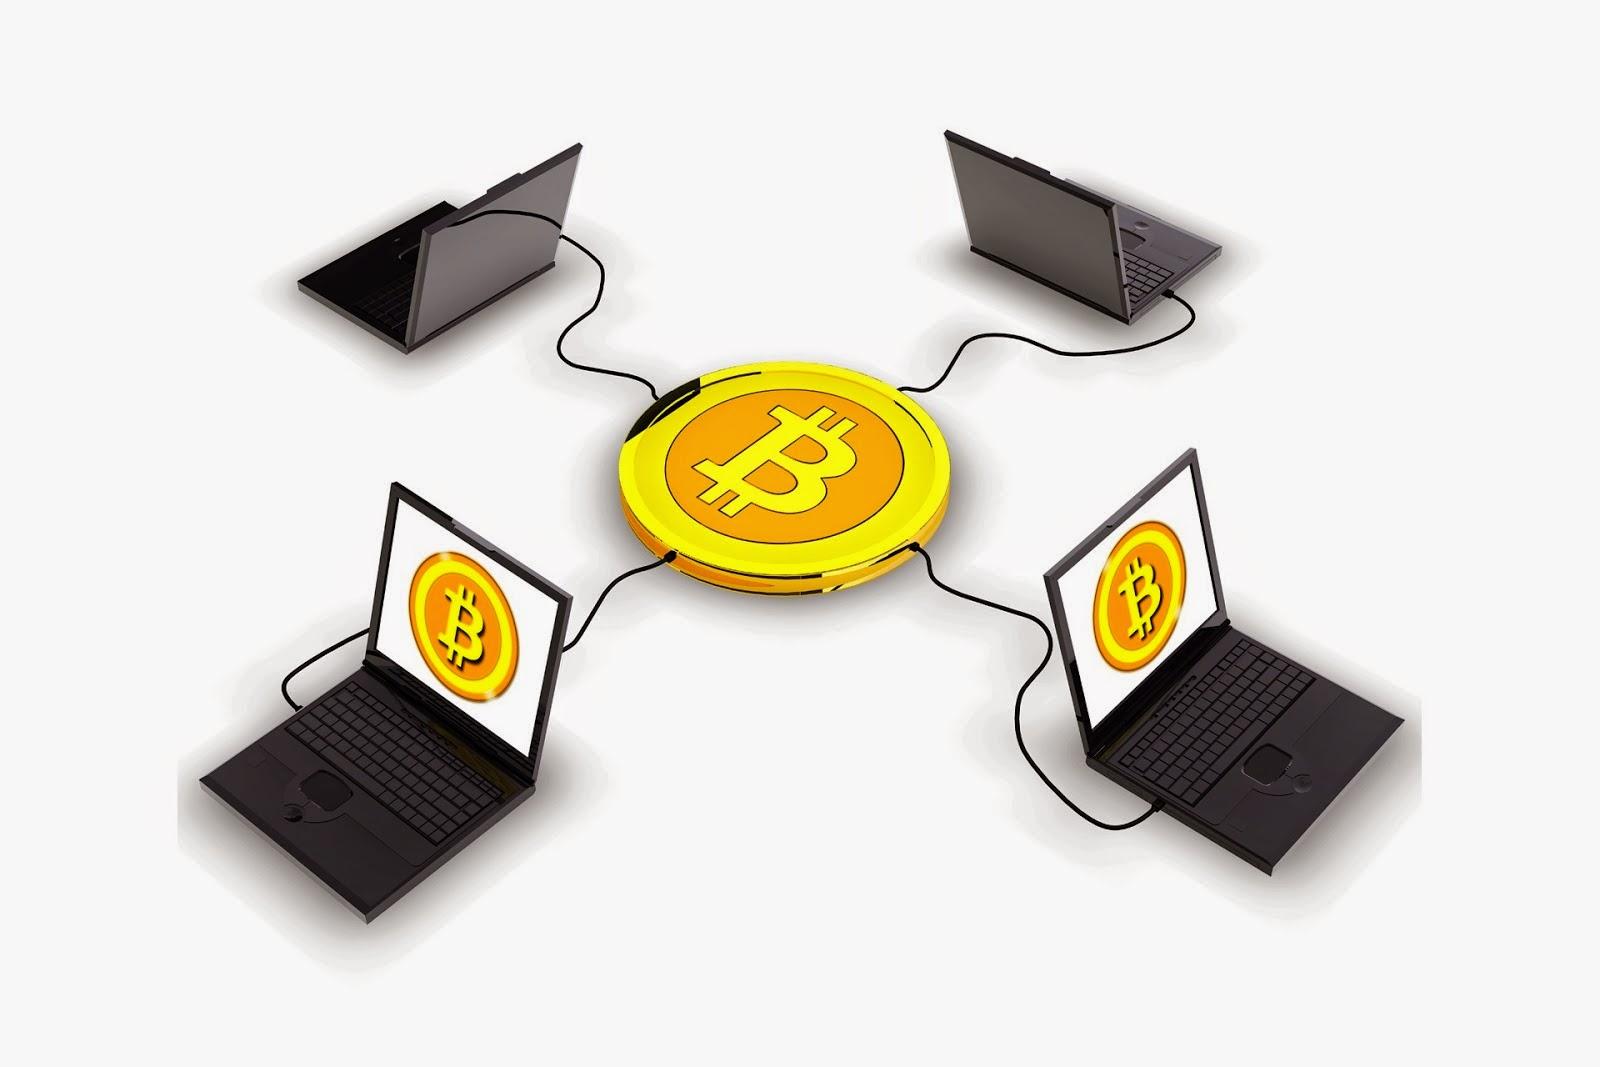 Bitcoin Phenomenon: A Bright Future or a Growing Bubble?